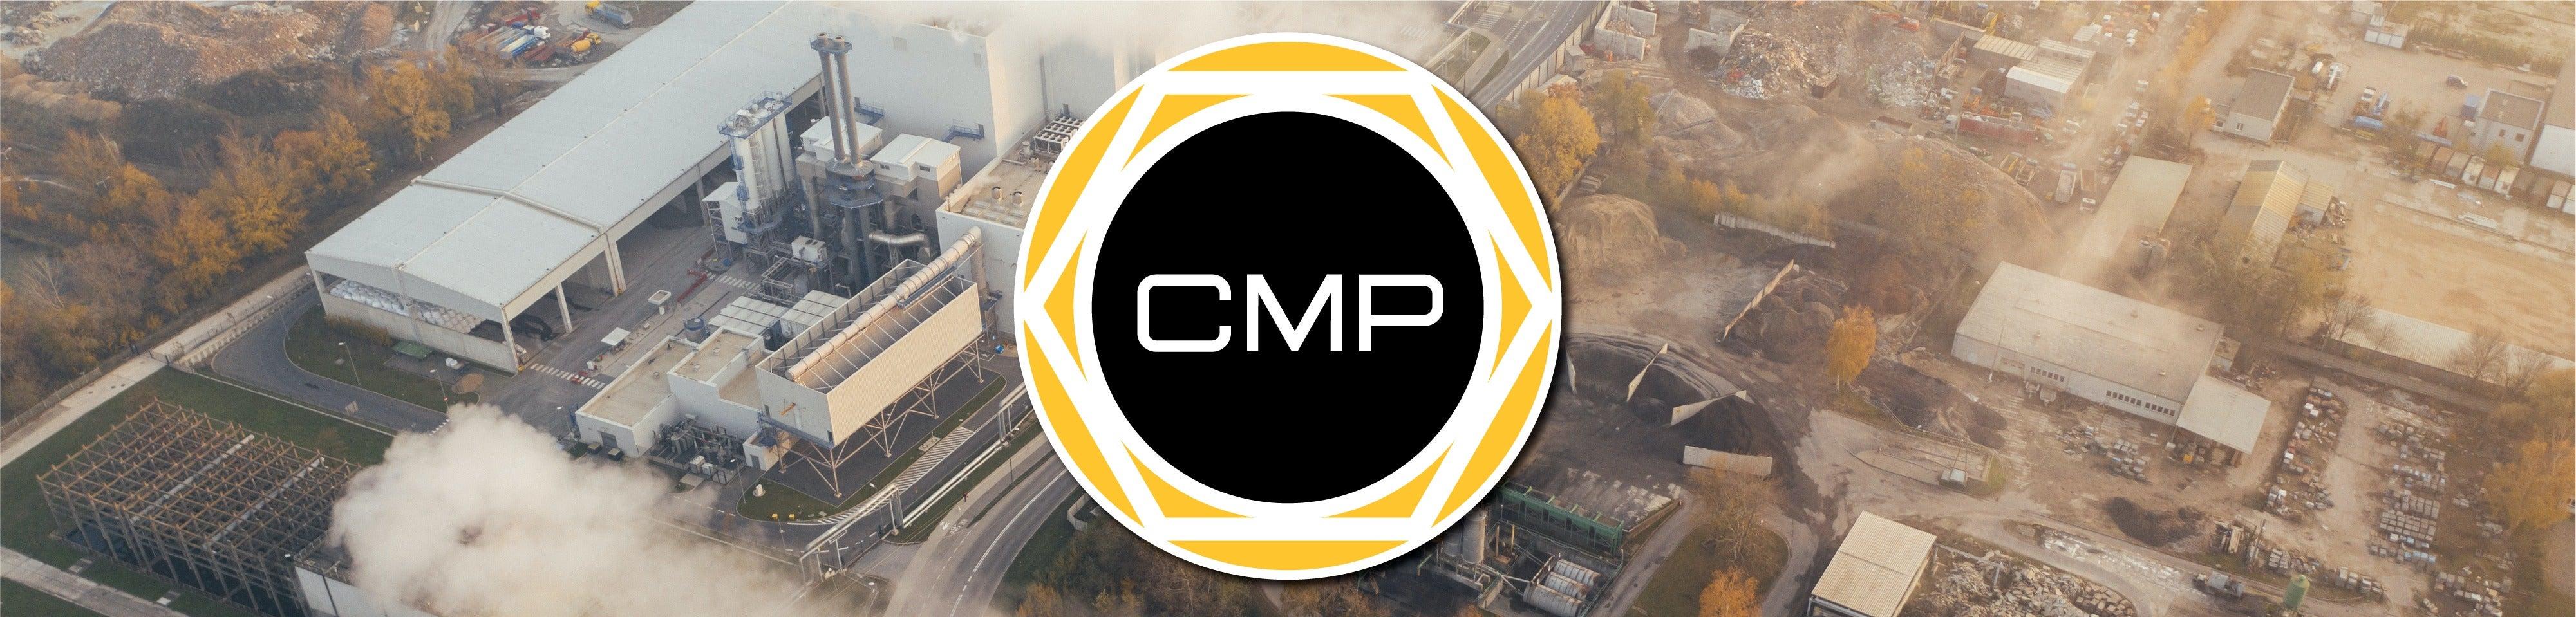 特色供应商横幅图片- CMP.jpg